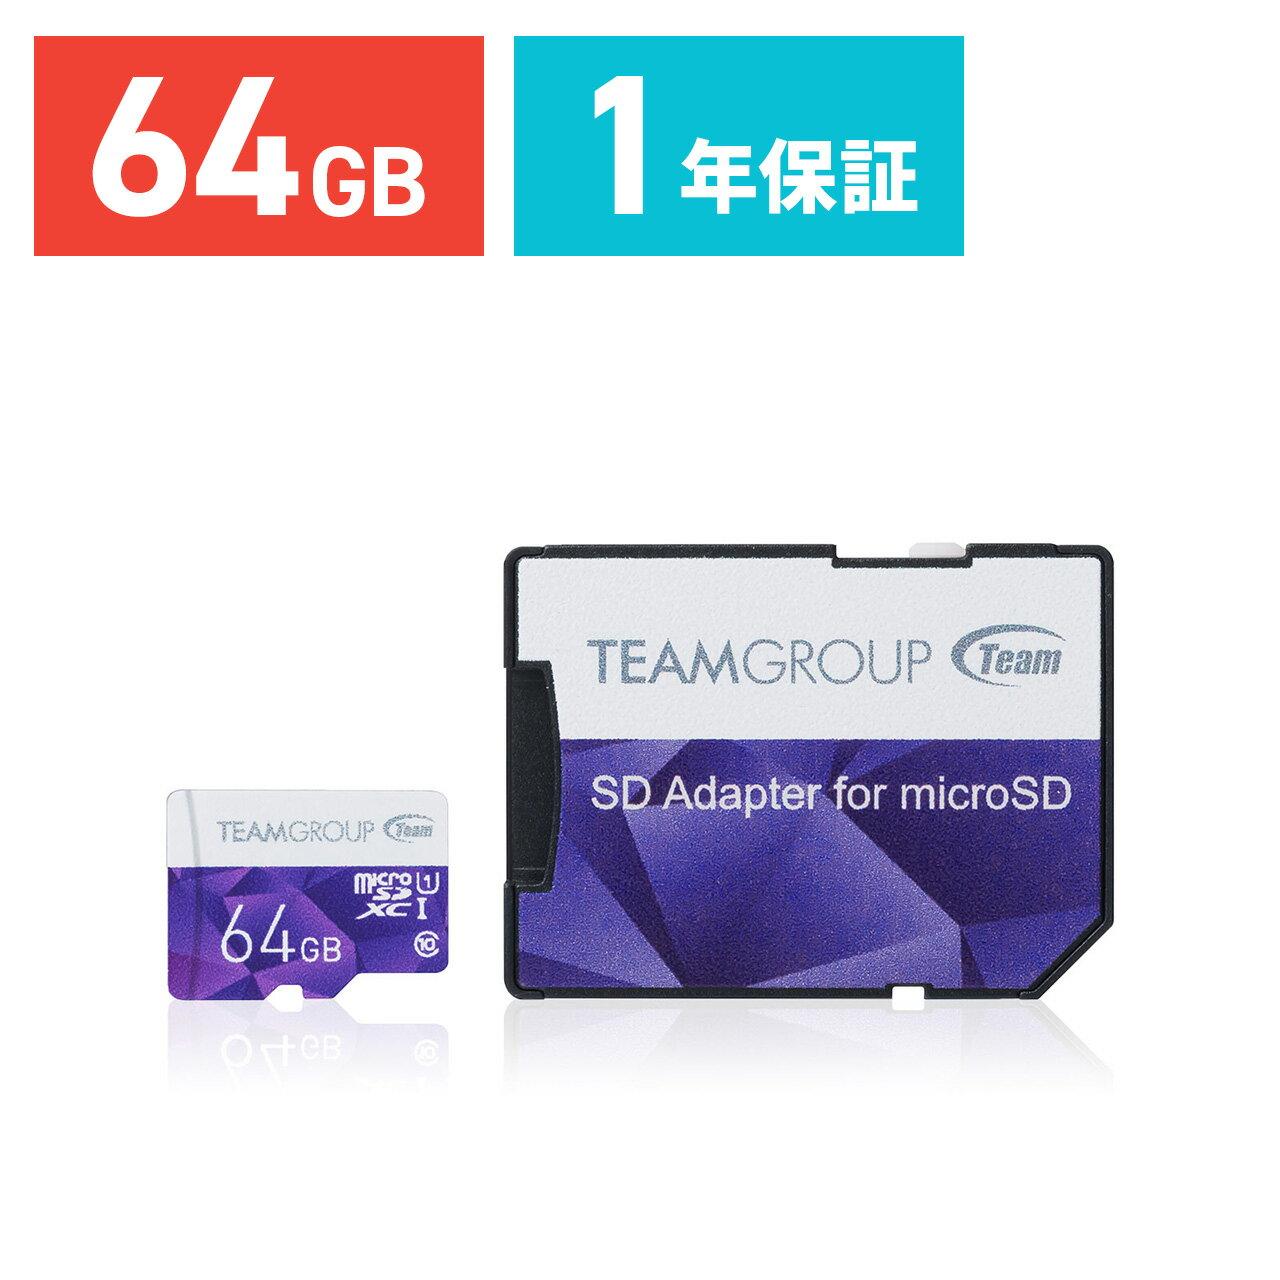 【ネコポス専用】 microSDカード 64GB Class10 UHS-I対応 高速データ転送 SDカード変換アダプタ付き 最大転送速度80MB/s マイクロSD microSDXC クラス10 スマホ SD 入学 卒業[600-MCSD64G]【サンワダイレクト限定品】【今だけ送料無料!】